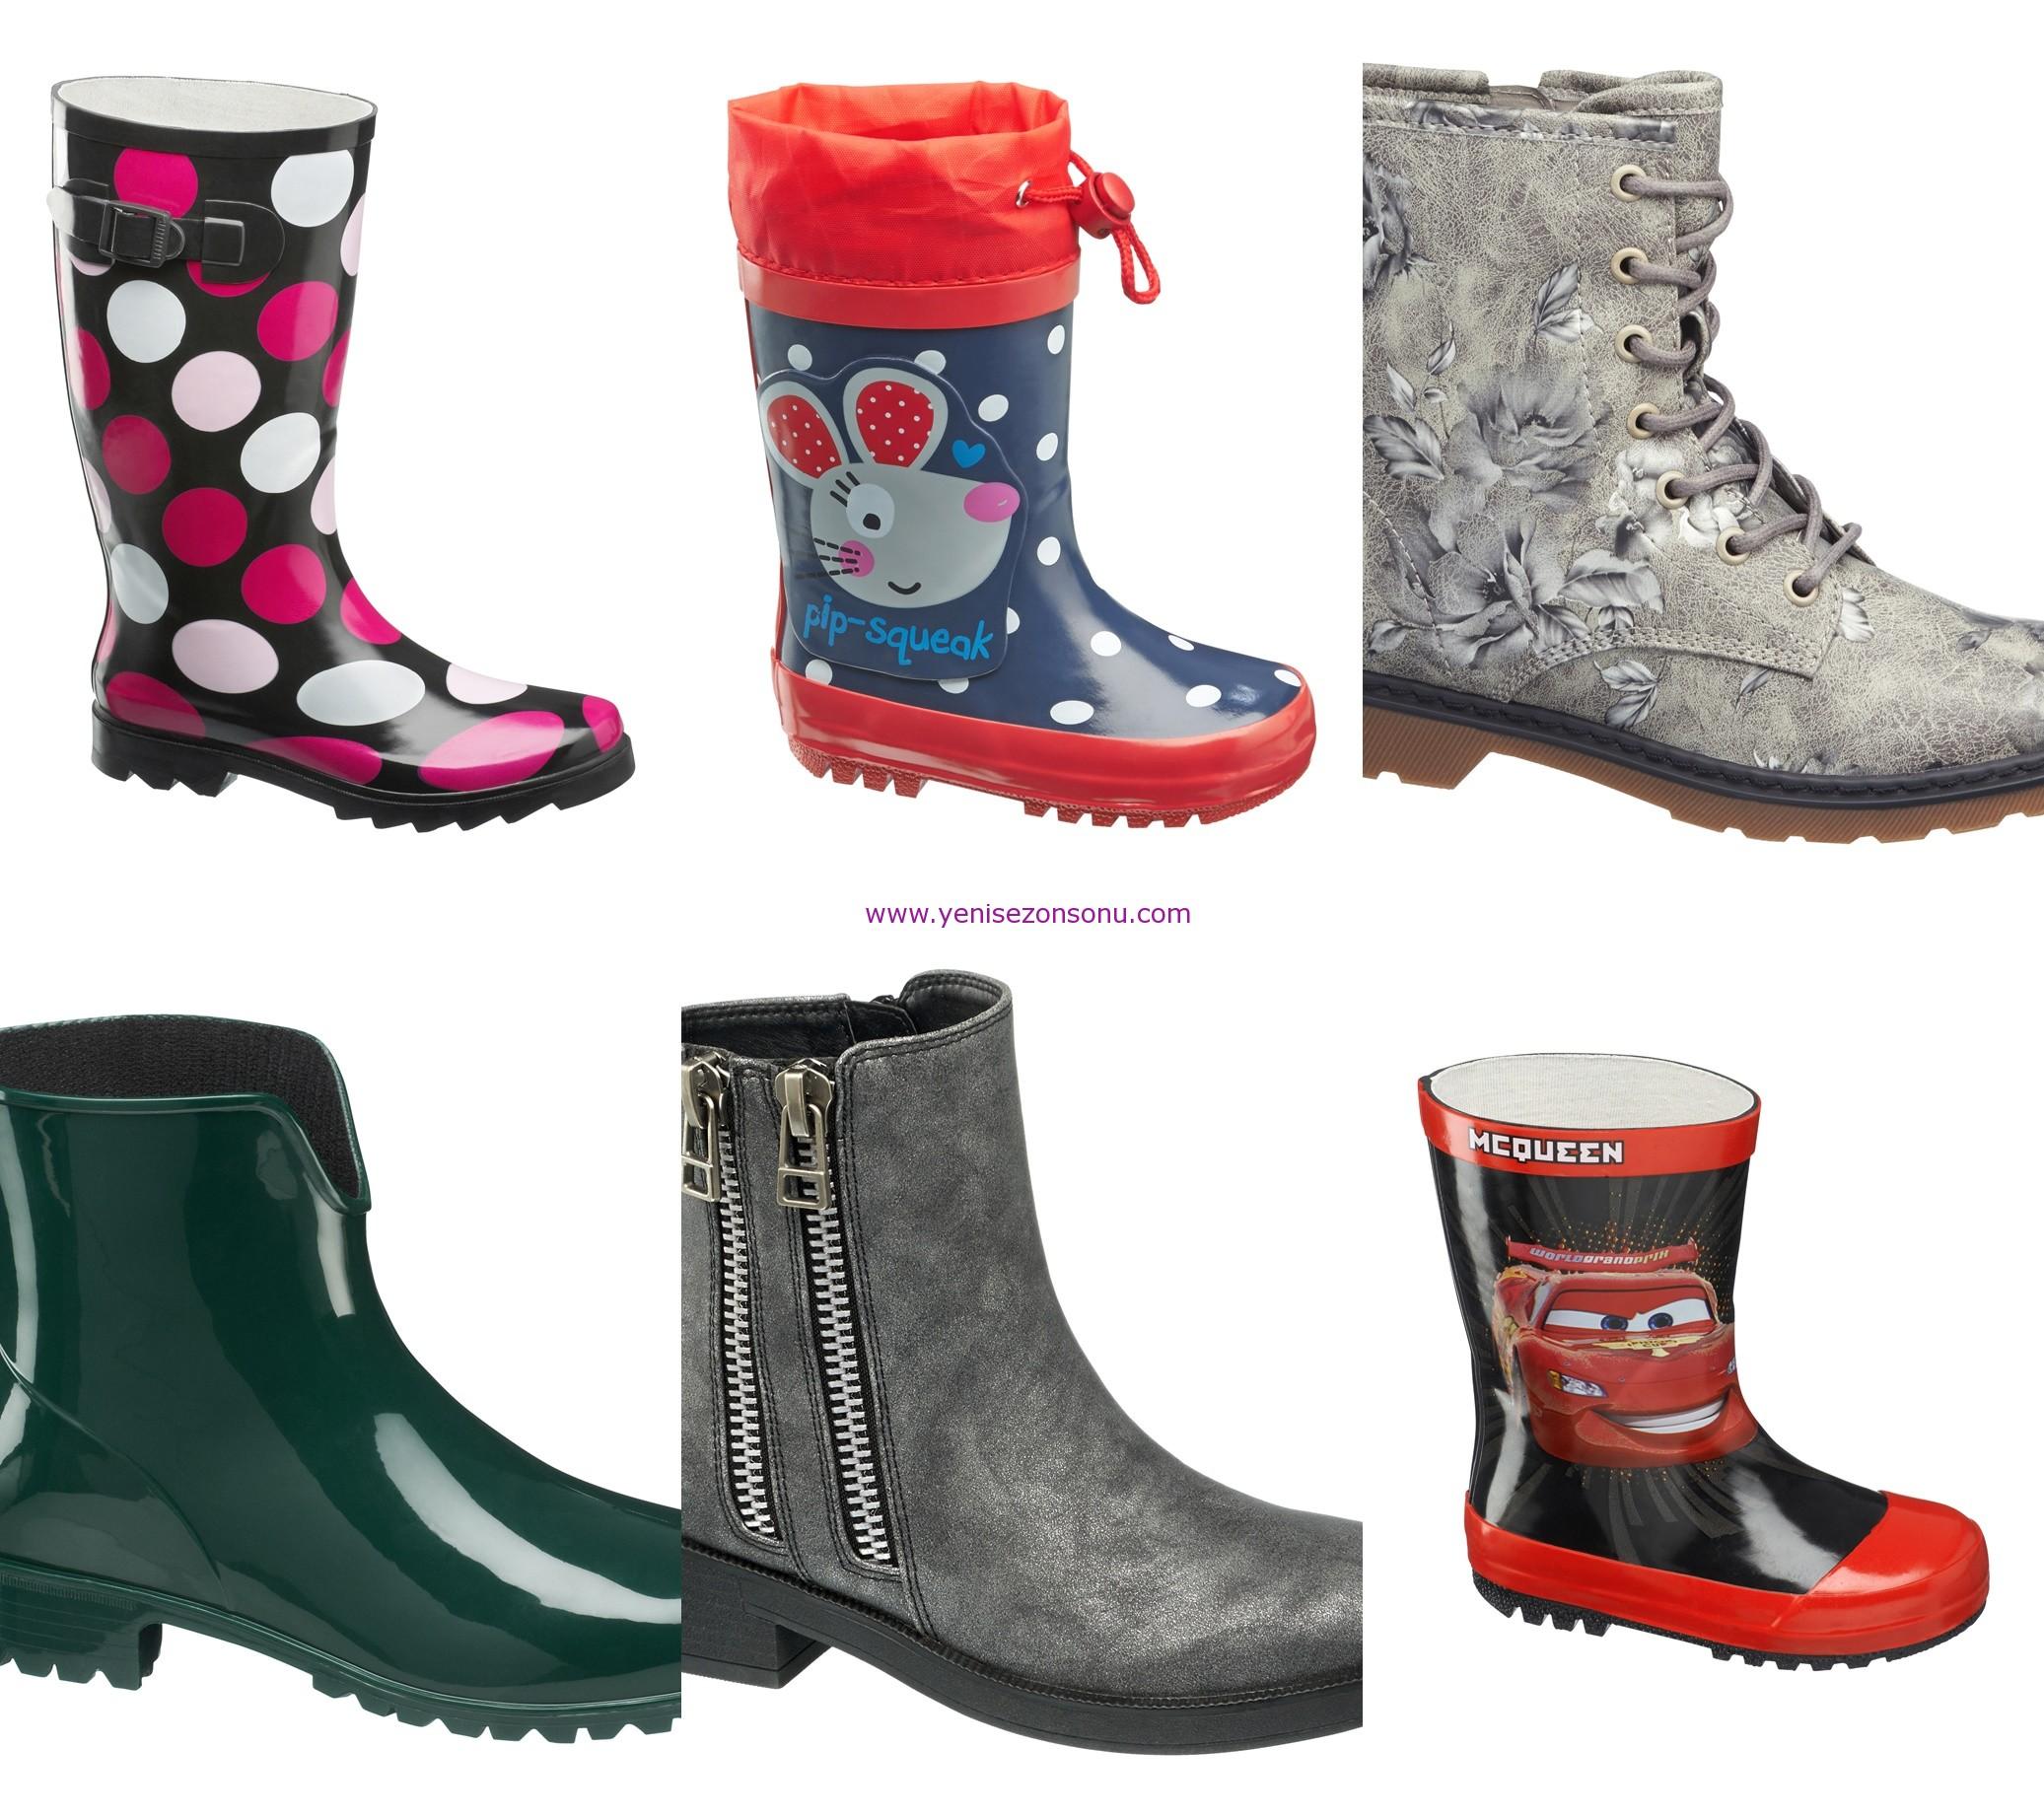 yeni sezon çocuk yağmur botları botu modelleri